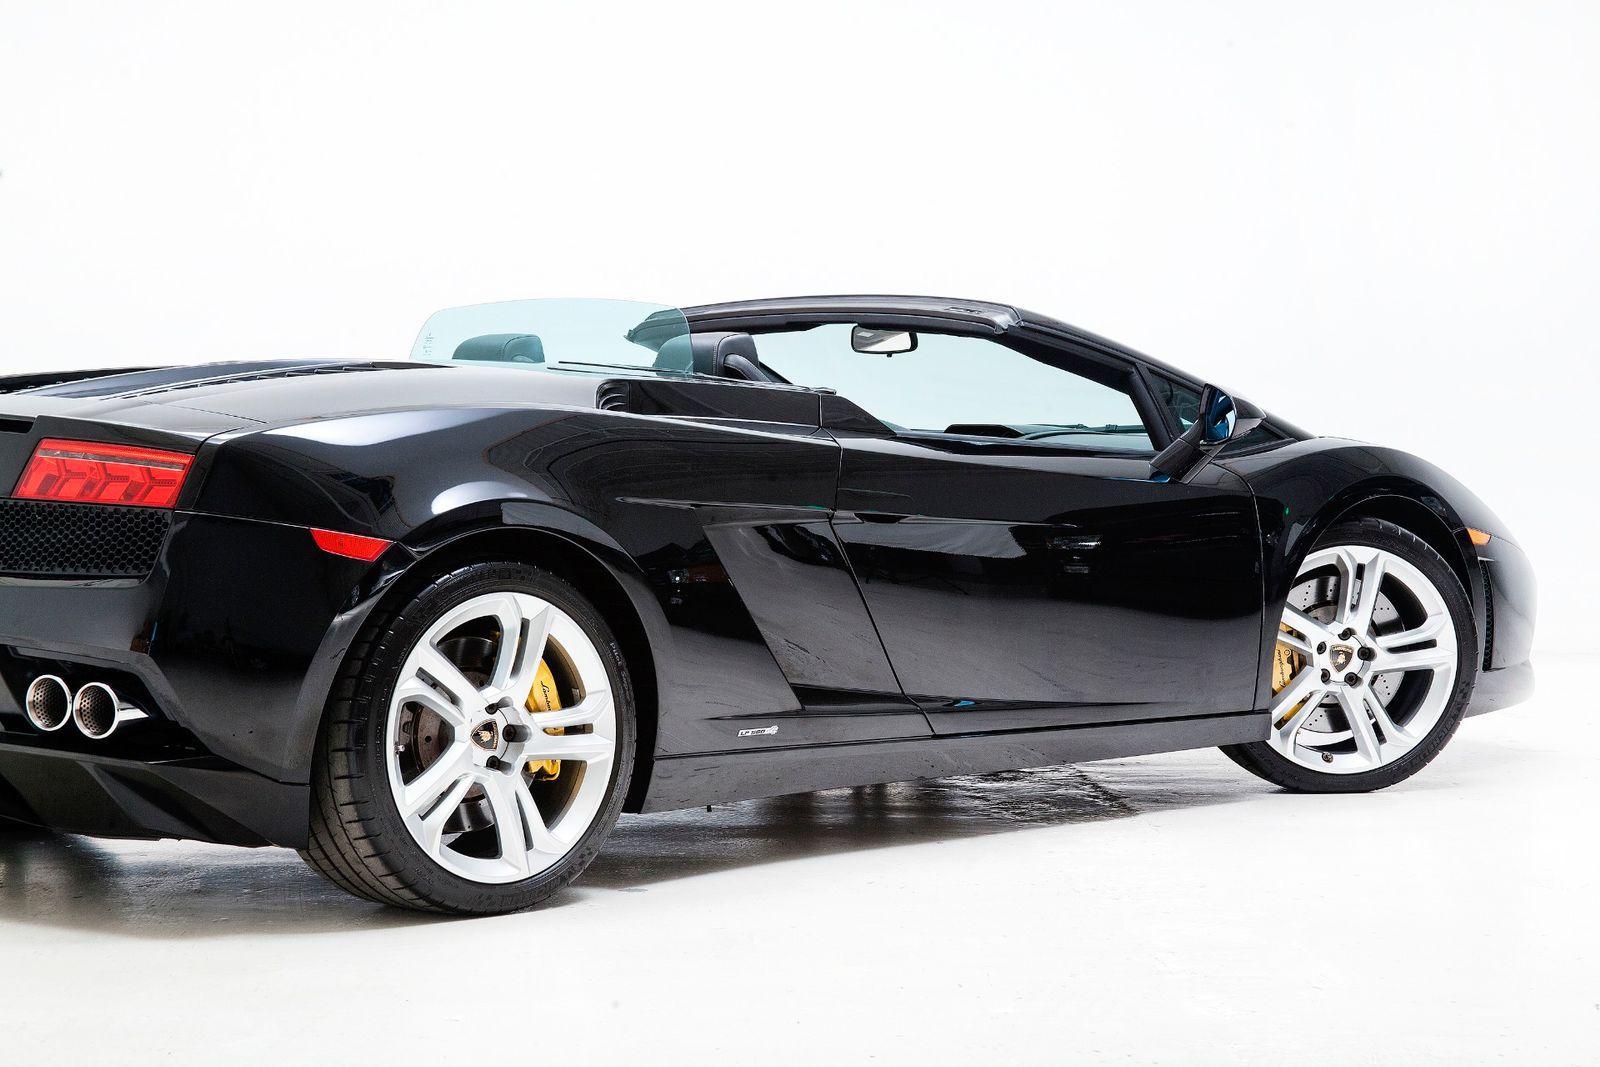 2010 Lamborghini Gallardo Spyder Lp560 Carrollton Tx Texas Hot